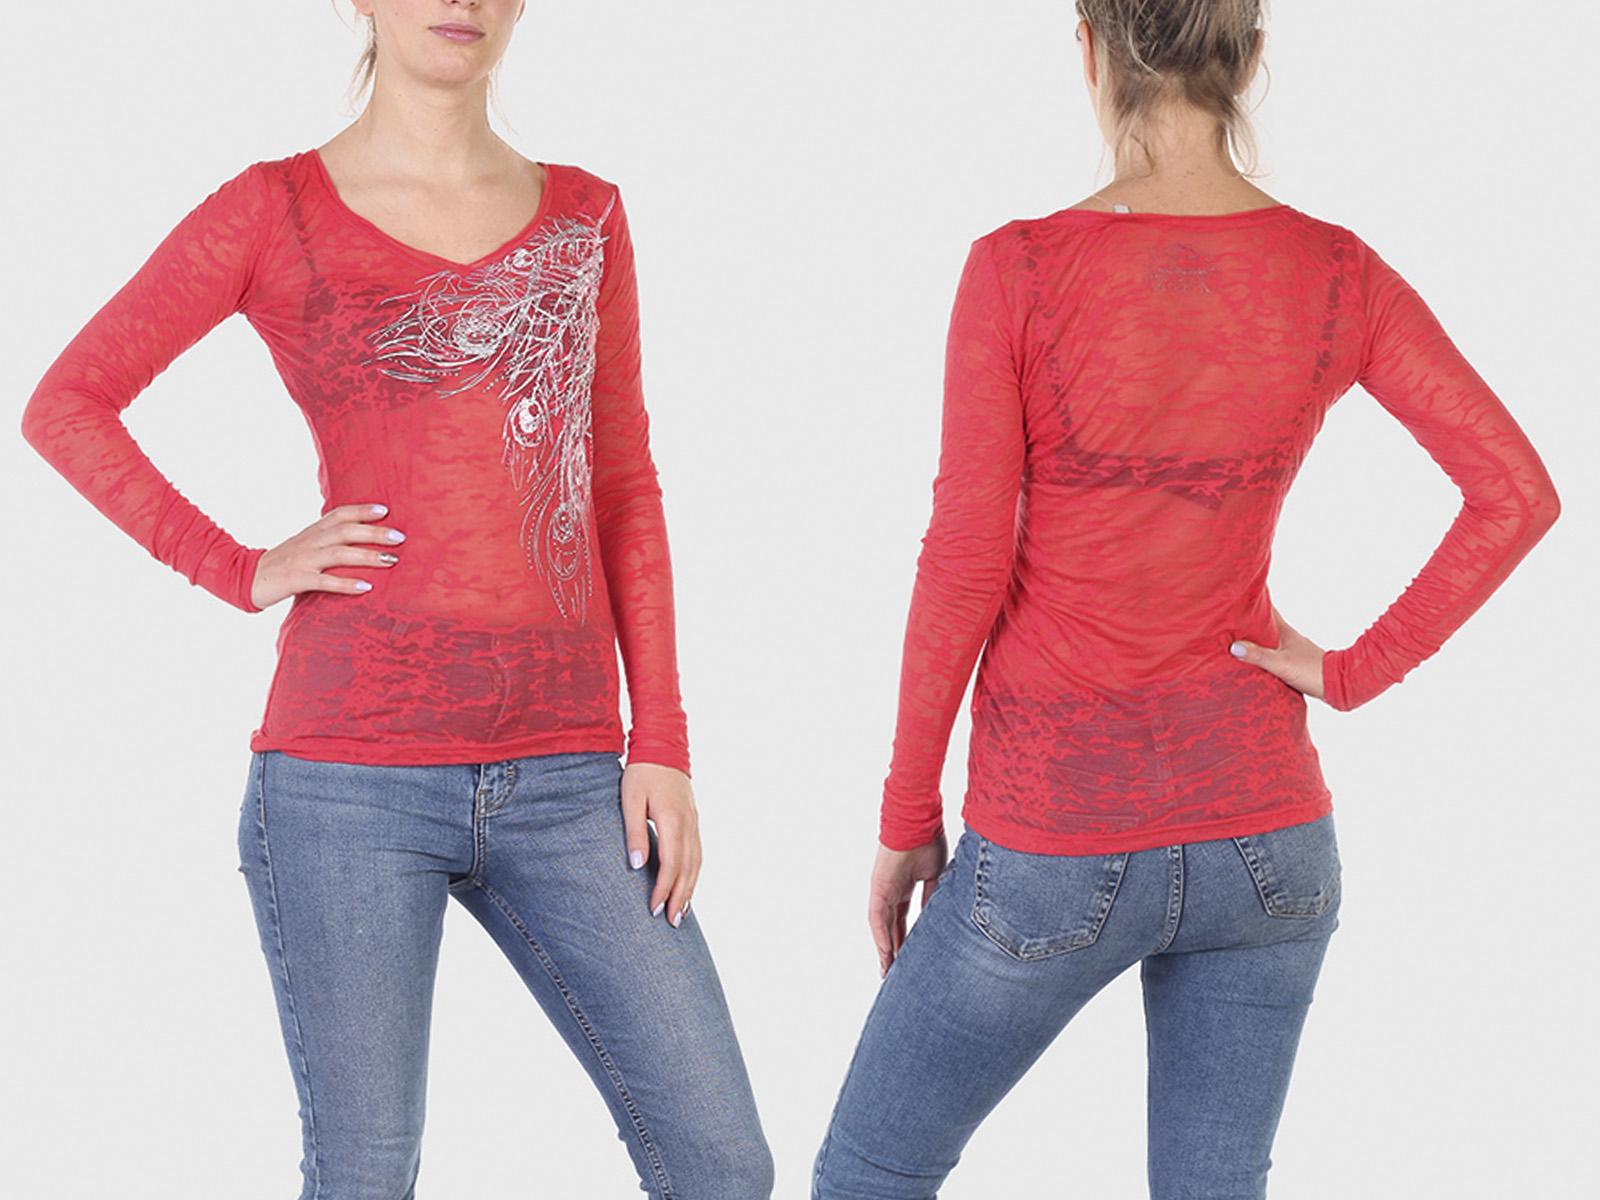 Полупрозрачная женская кофта Panhandle Slim